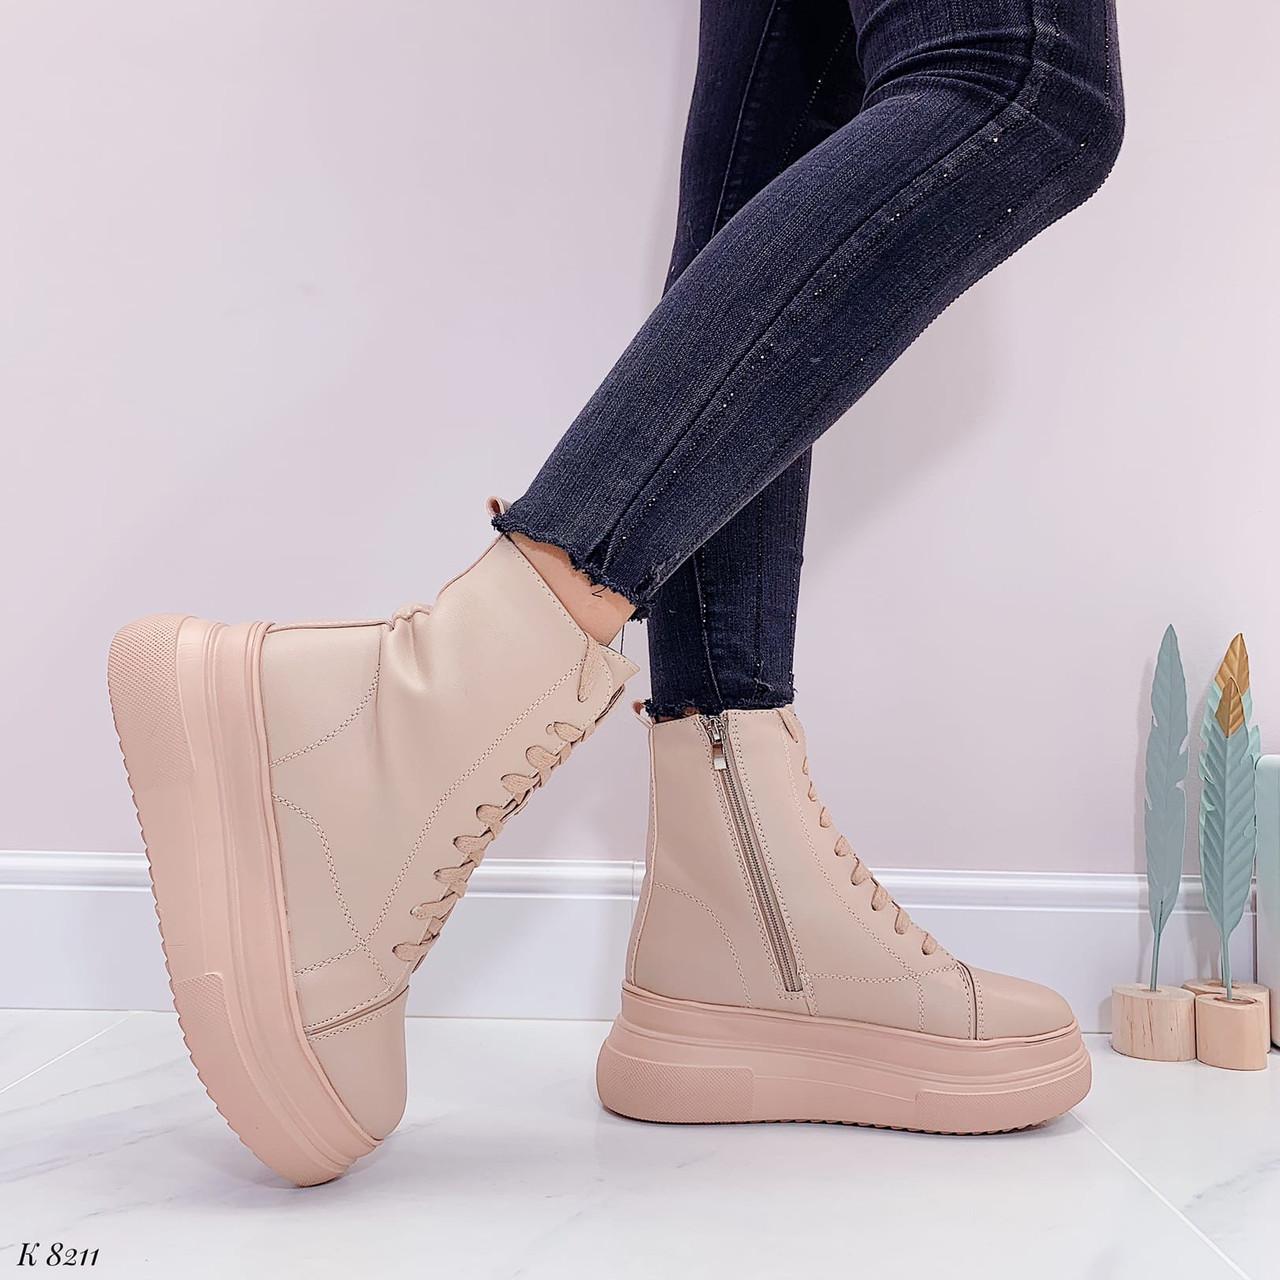 Женские ботинки спортивные ЗИМА бежевые на платформе эко-кожа